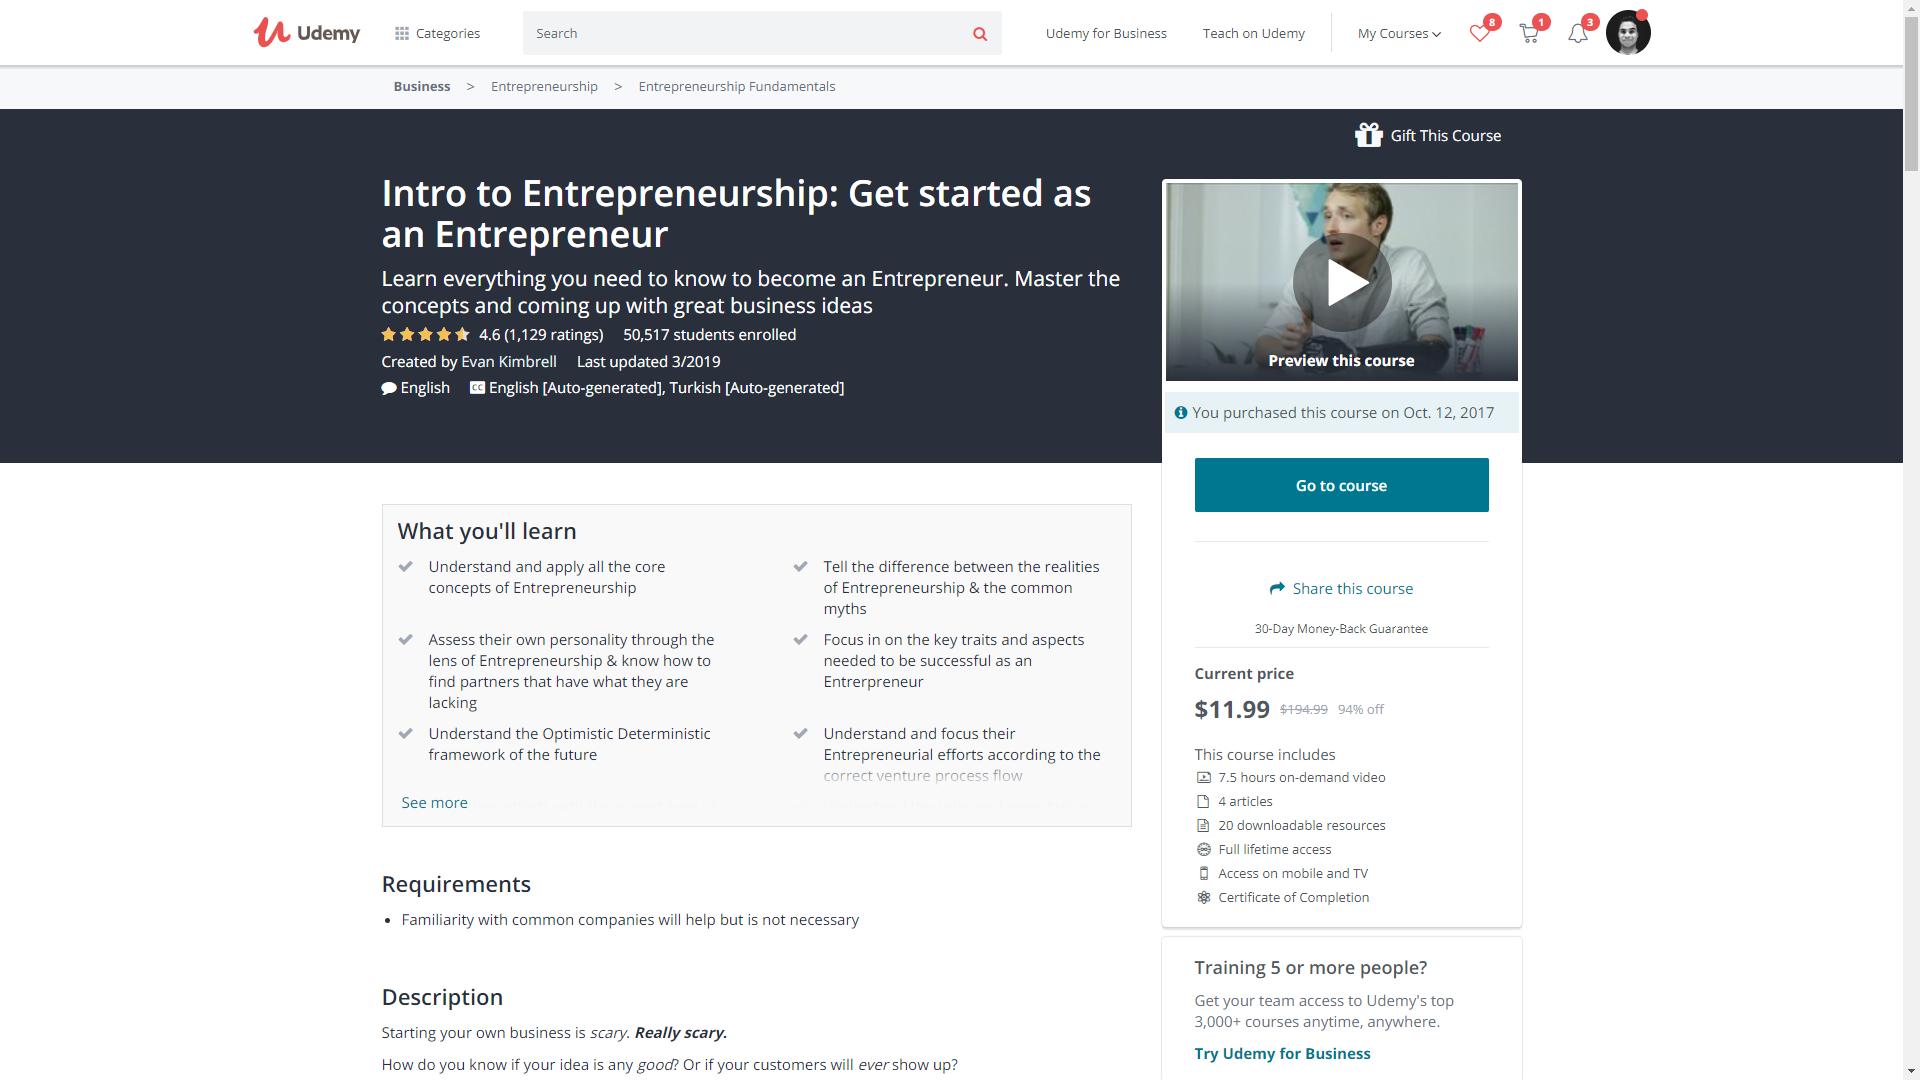 10 مصادر تتعلم منها إدارة الأعمال لتضاعف أرباحك 5